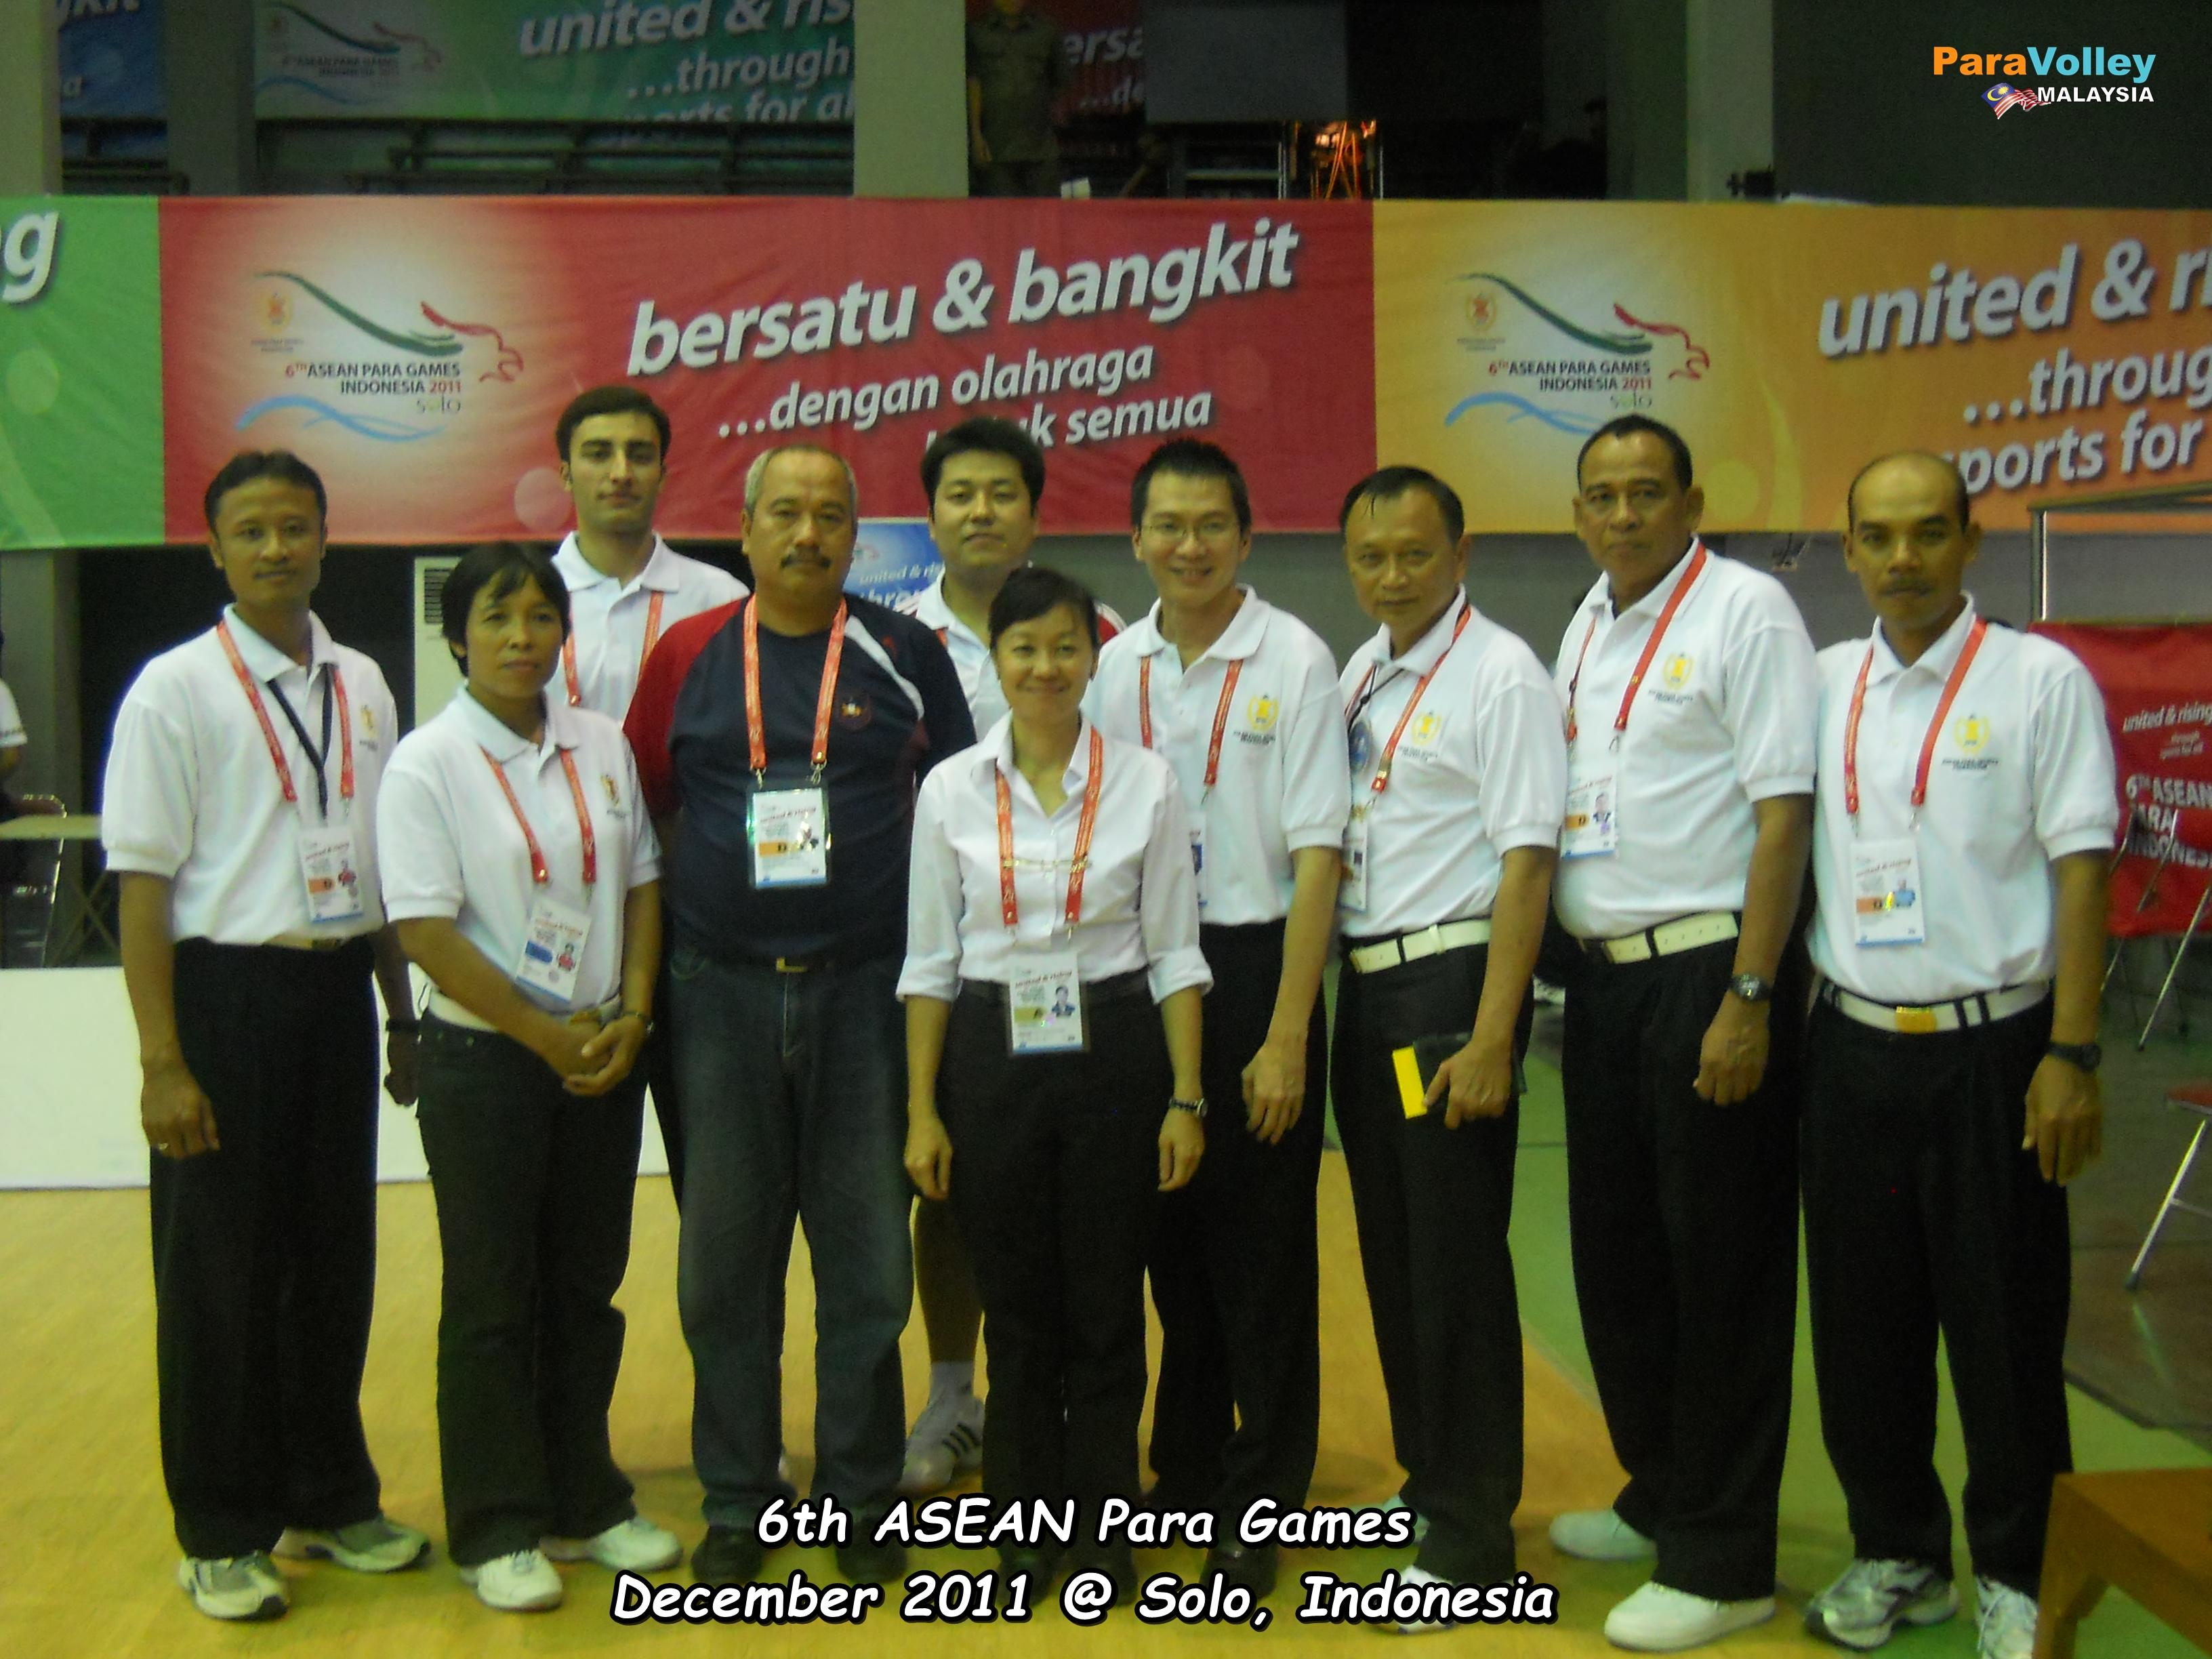 2011 12 6th ASEAN Para Games 3